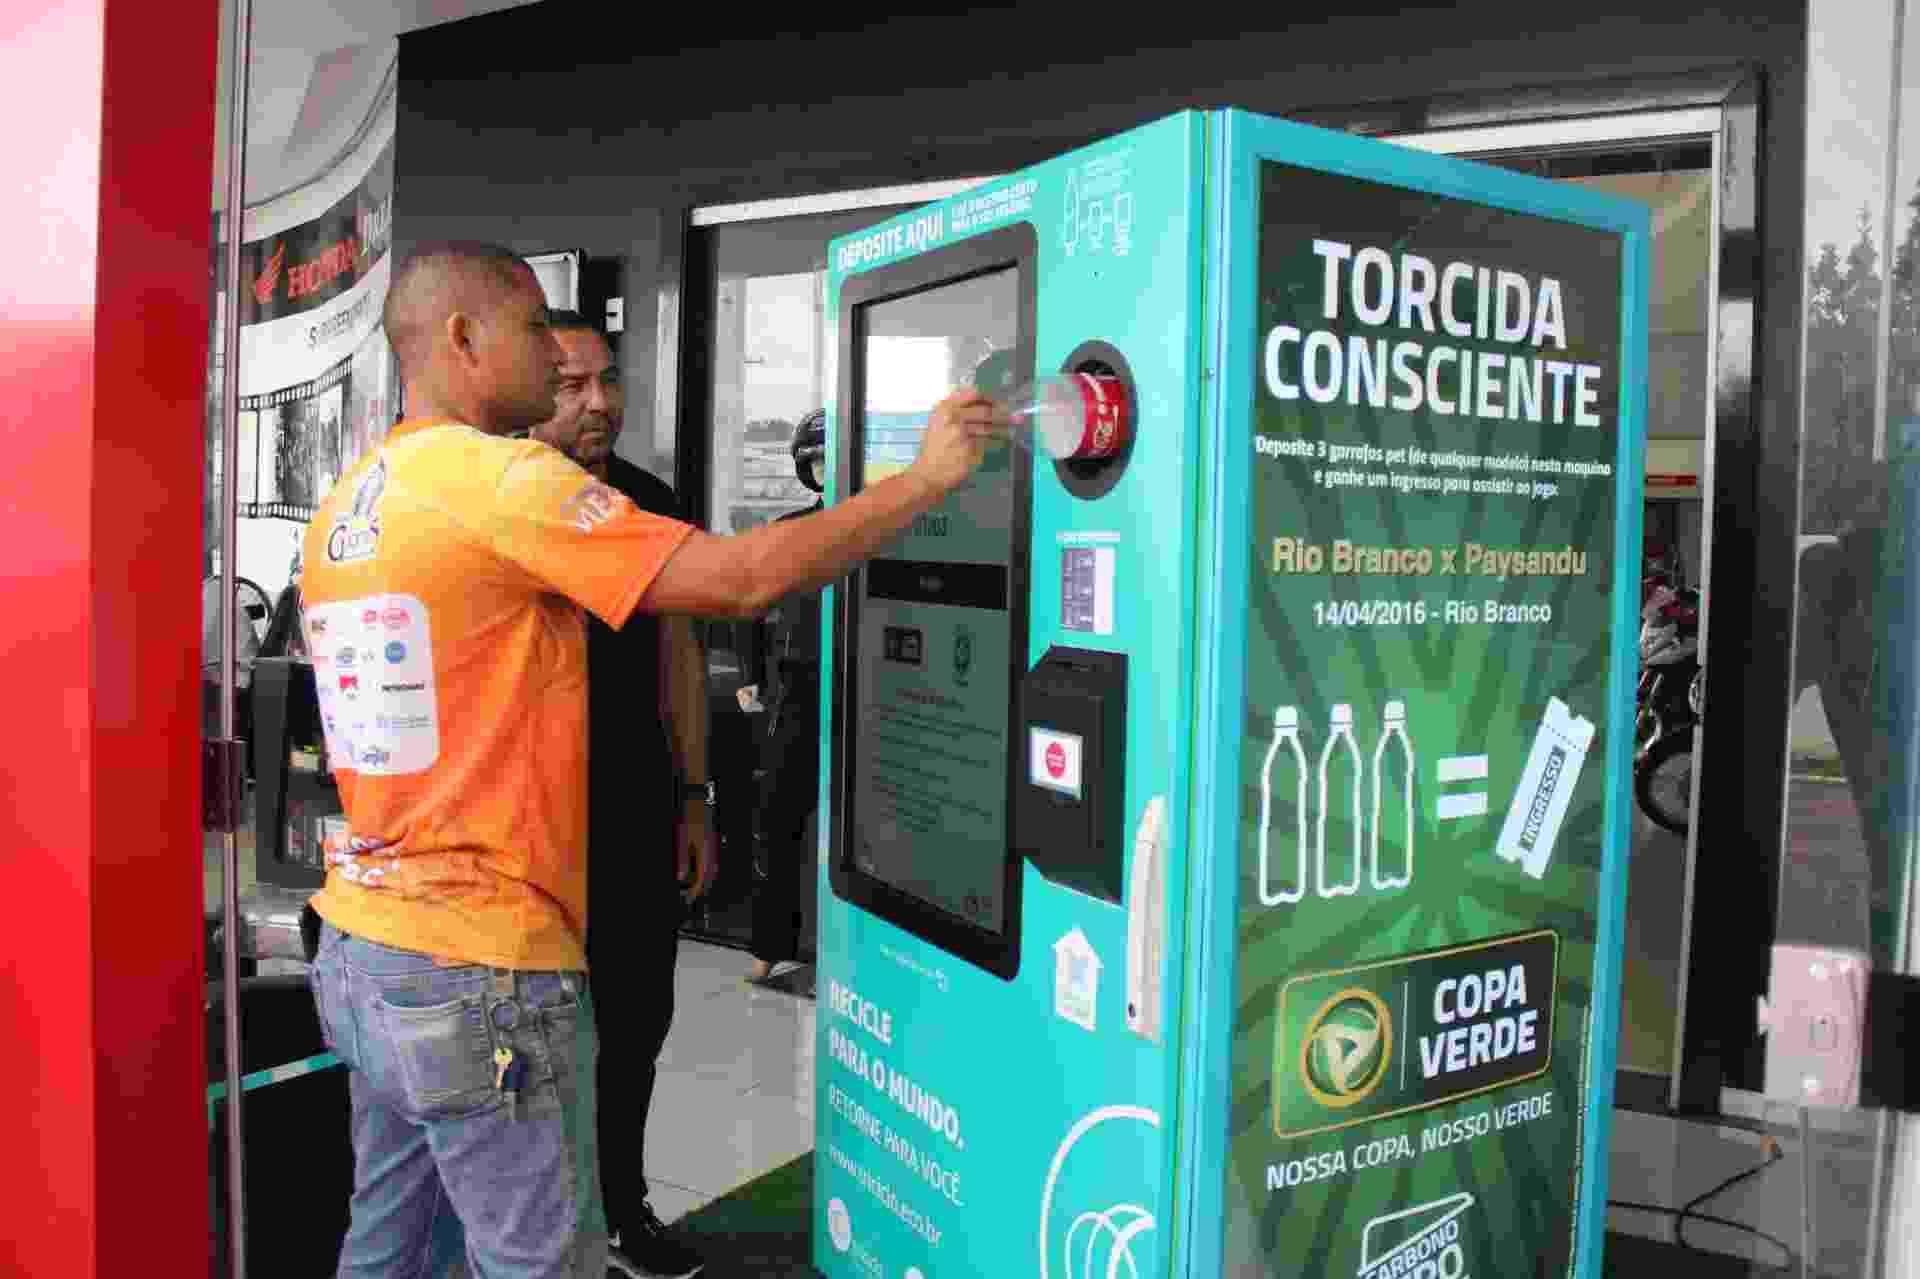 Retorna Machine, da start-up de soluções sustentáveis Triciclo - Divulgação